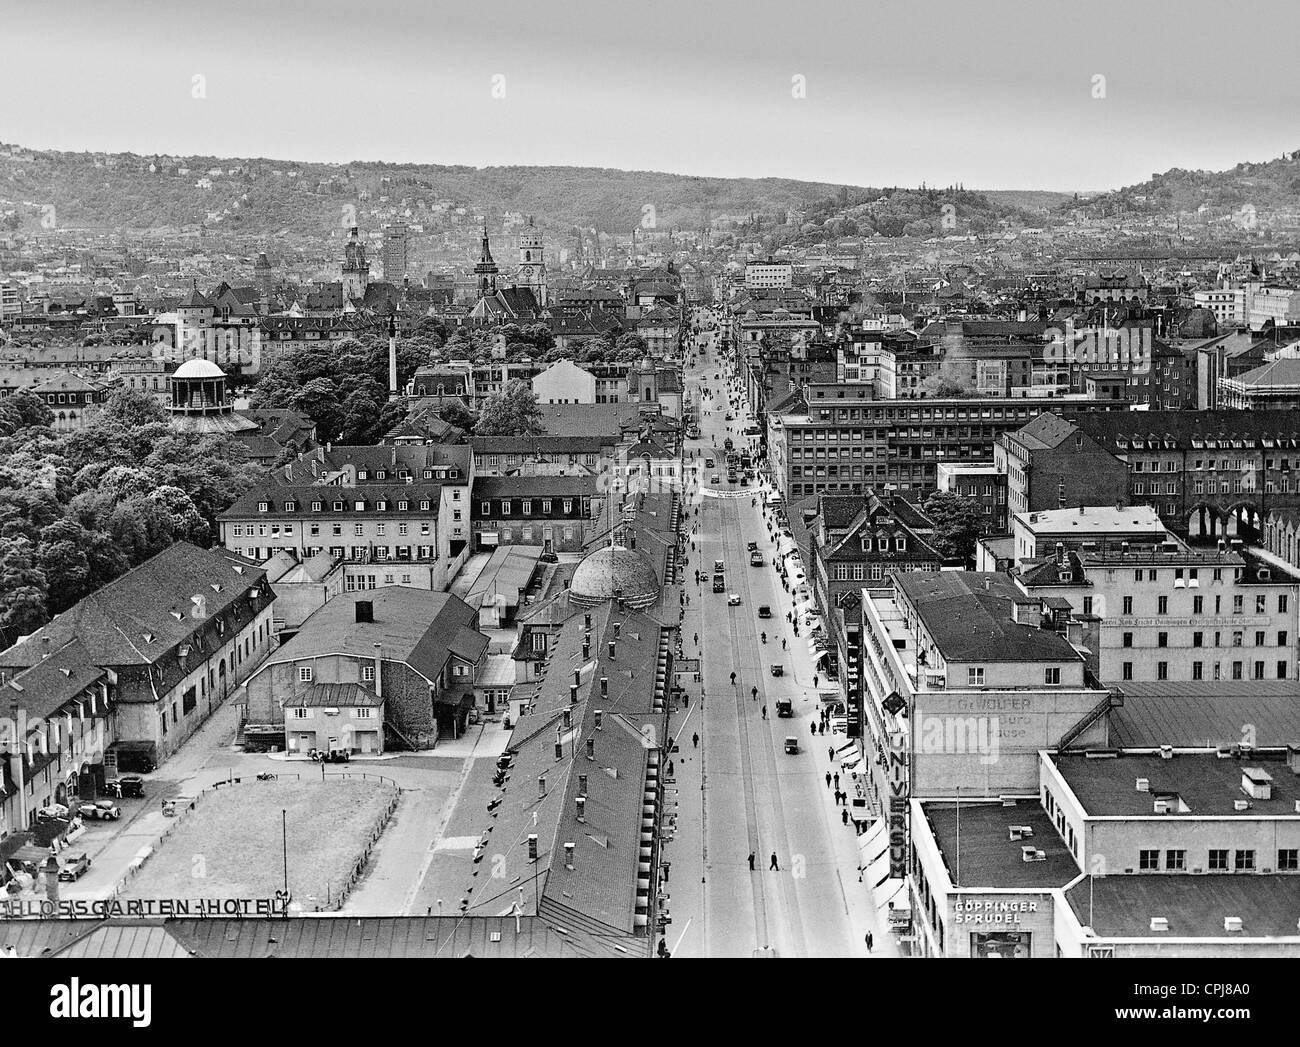 View over Stuttgart's Koenig Strasse - Stock Image